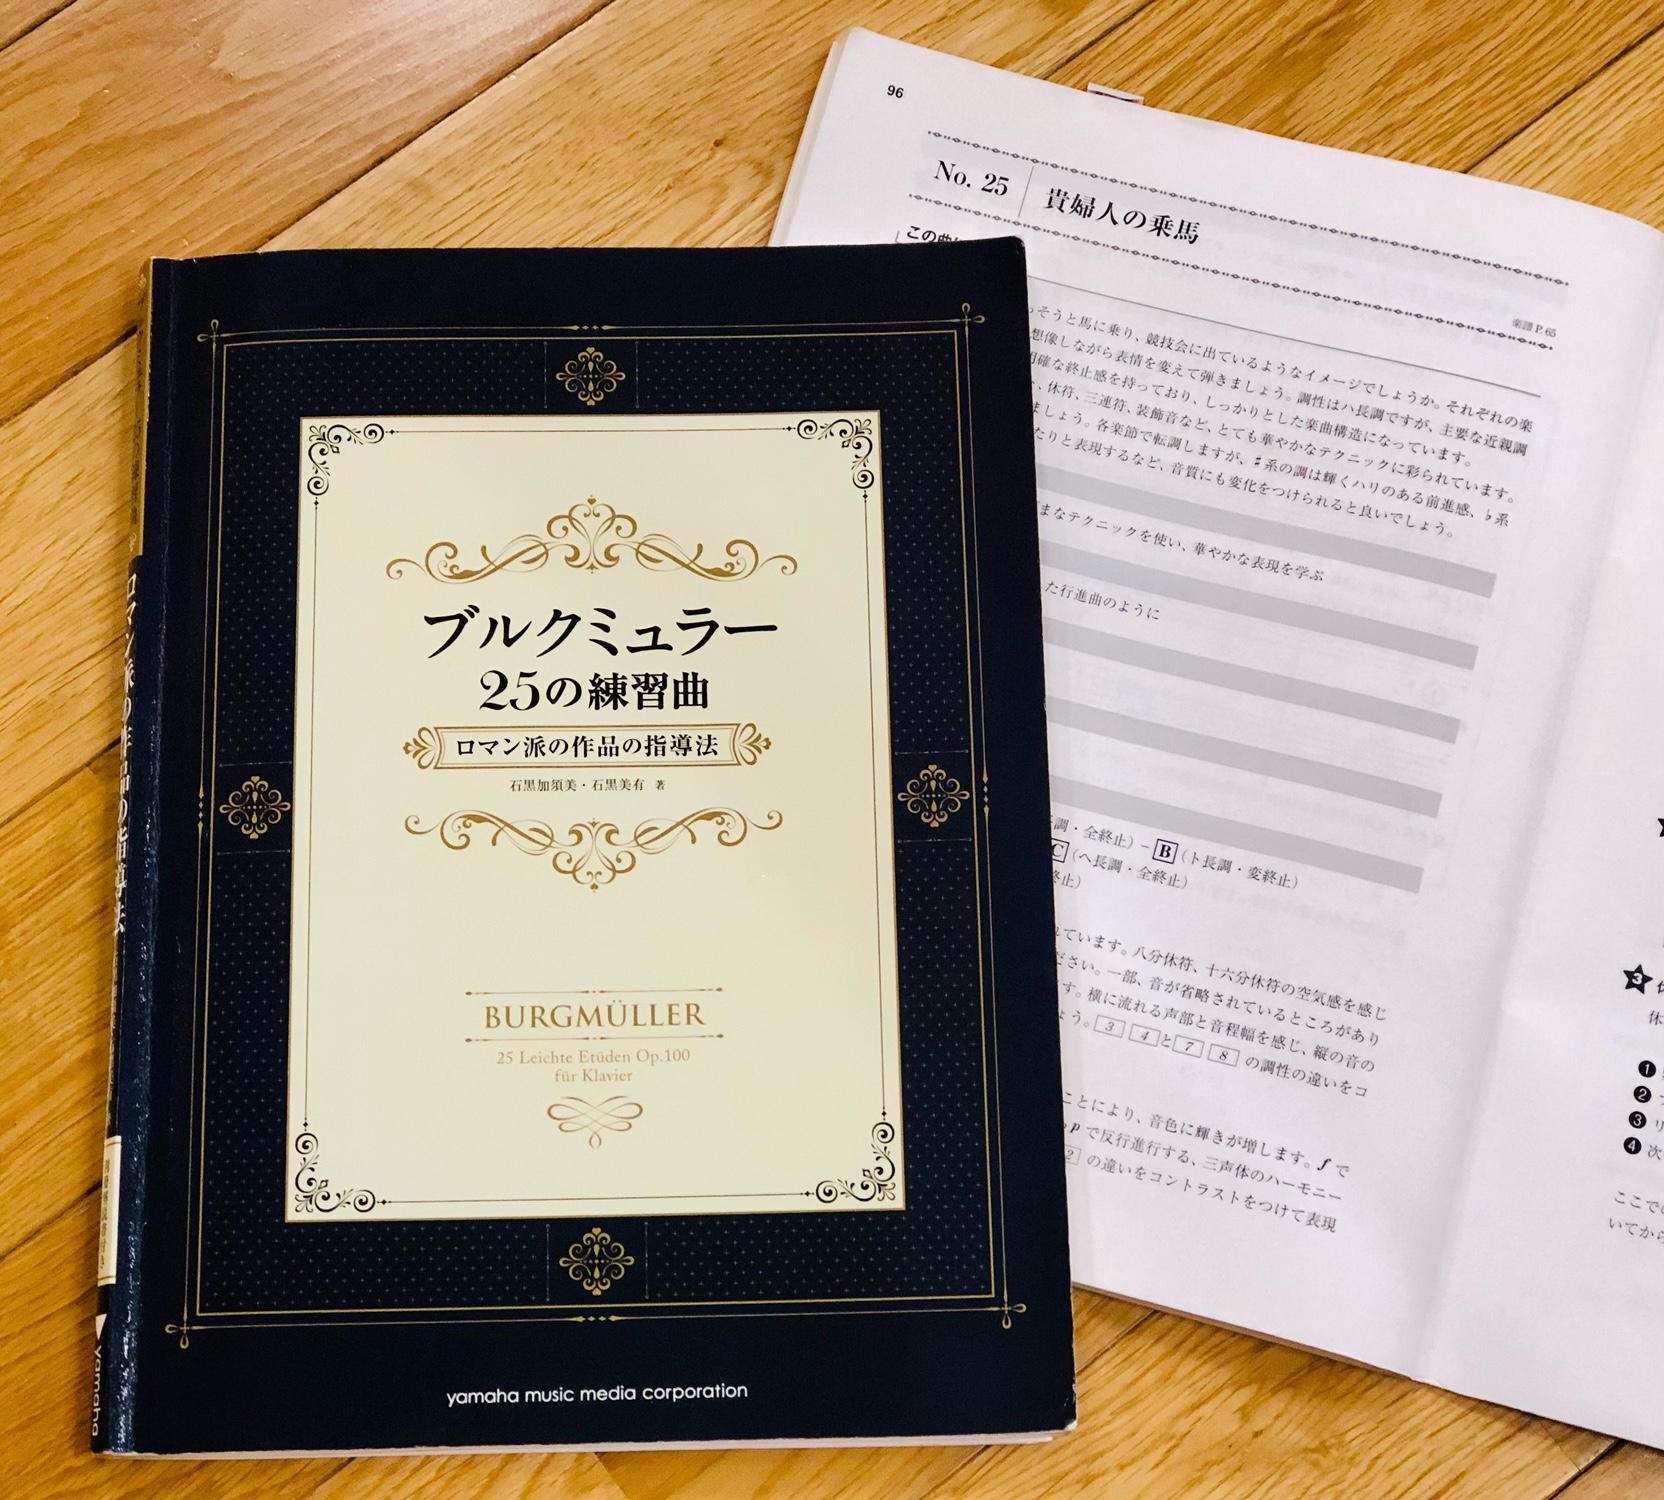 「ブルグミュラー25の練習曲」 音楽ノートの活用法&実践